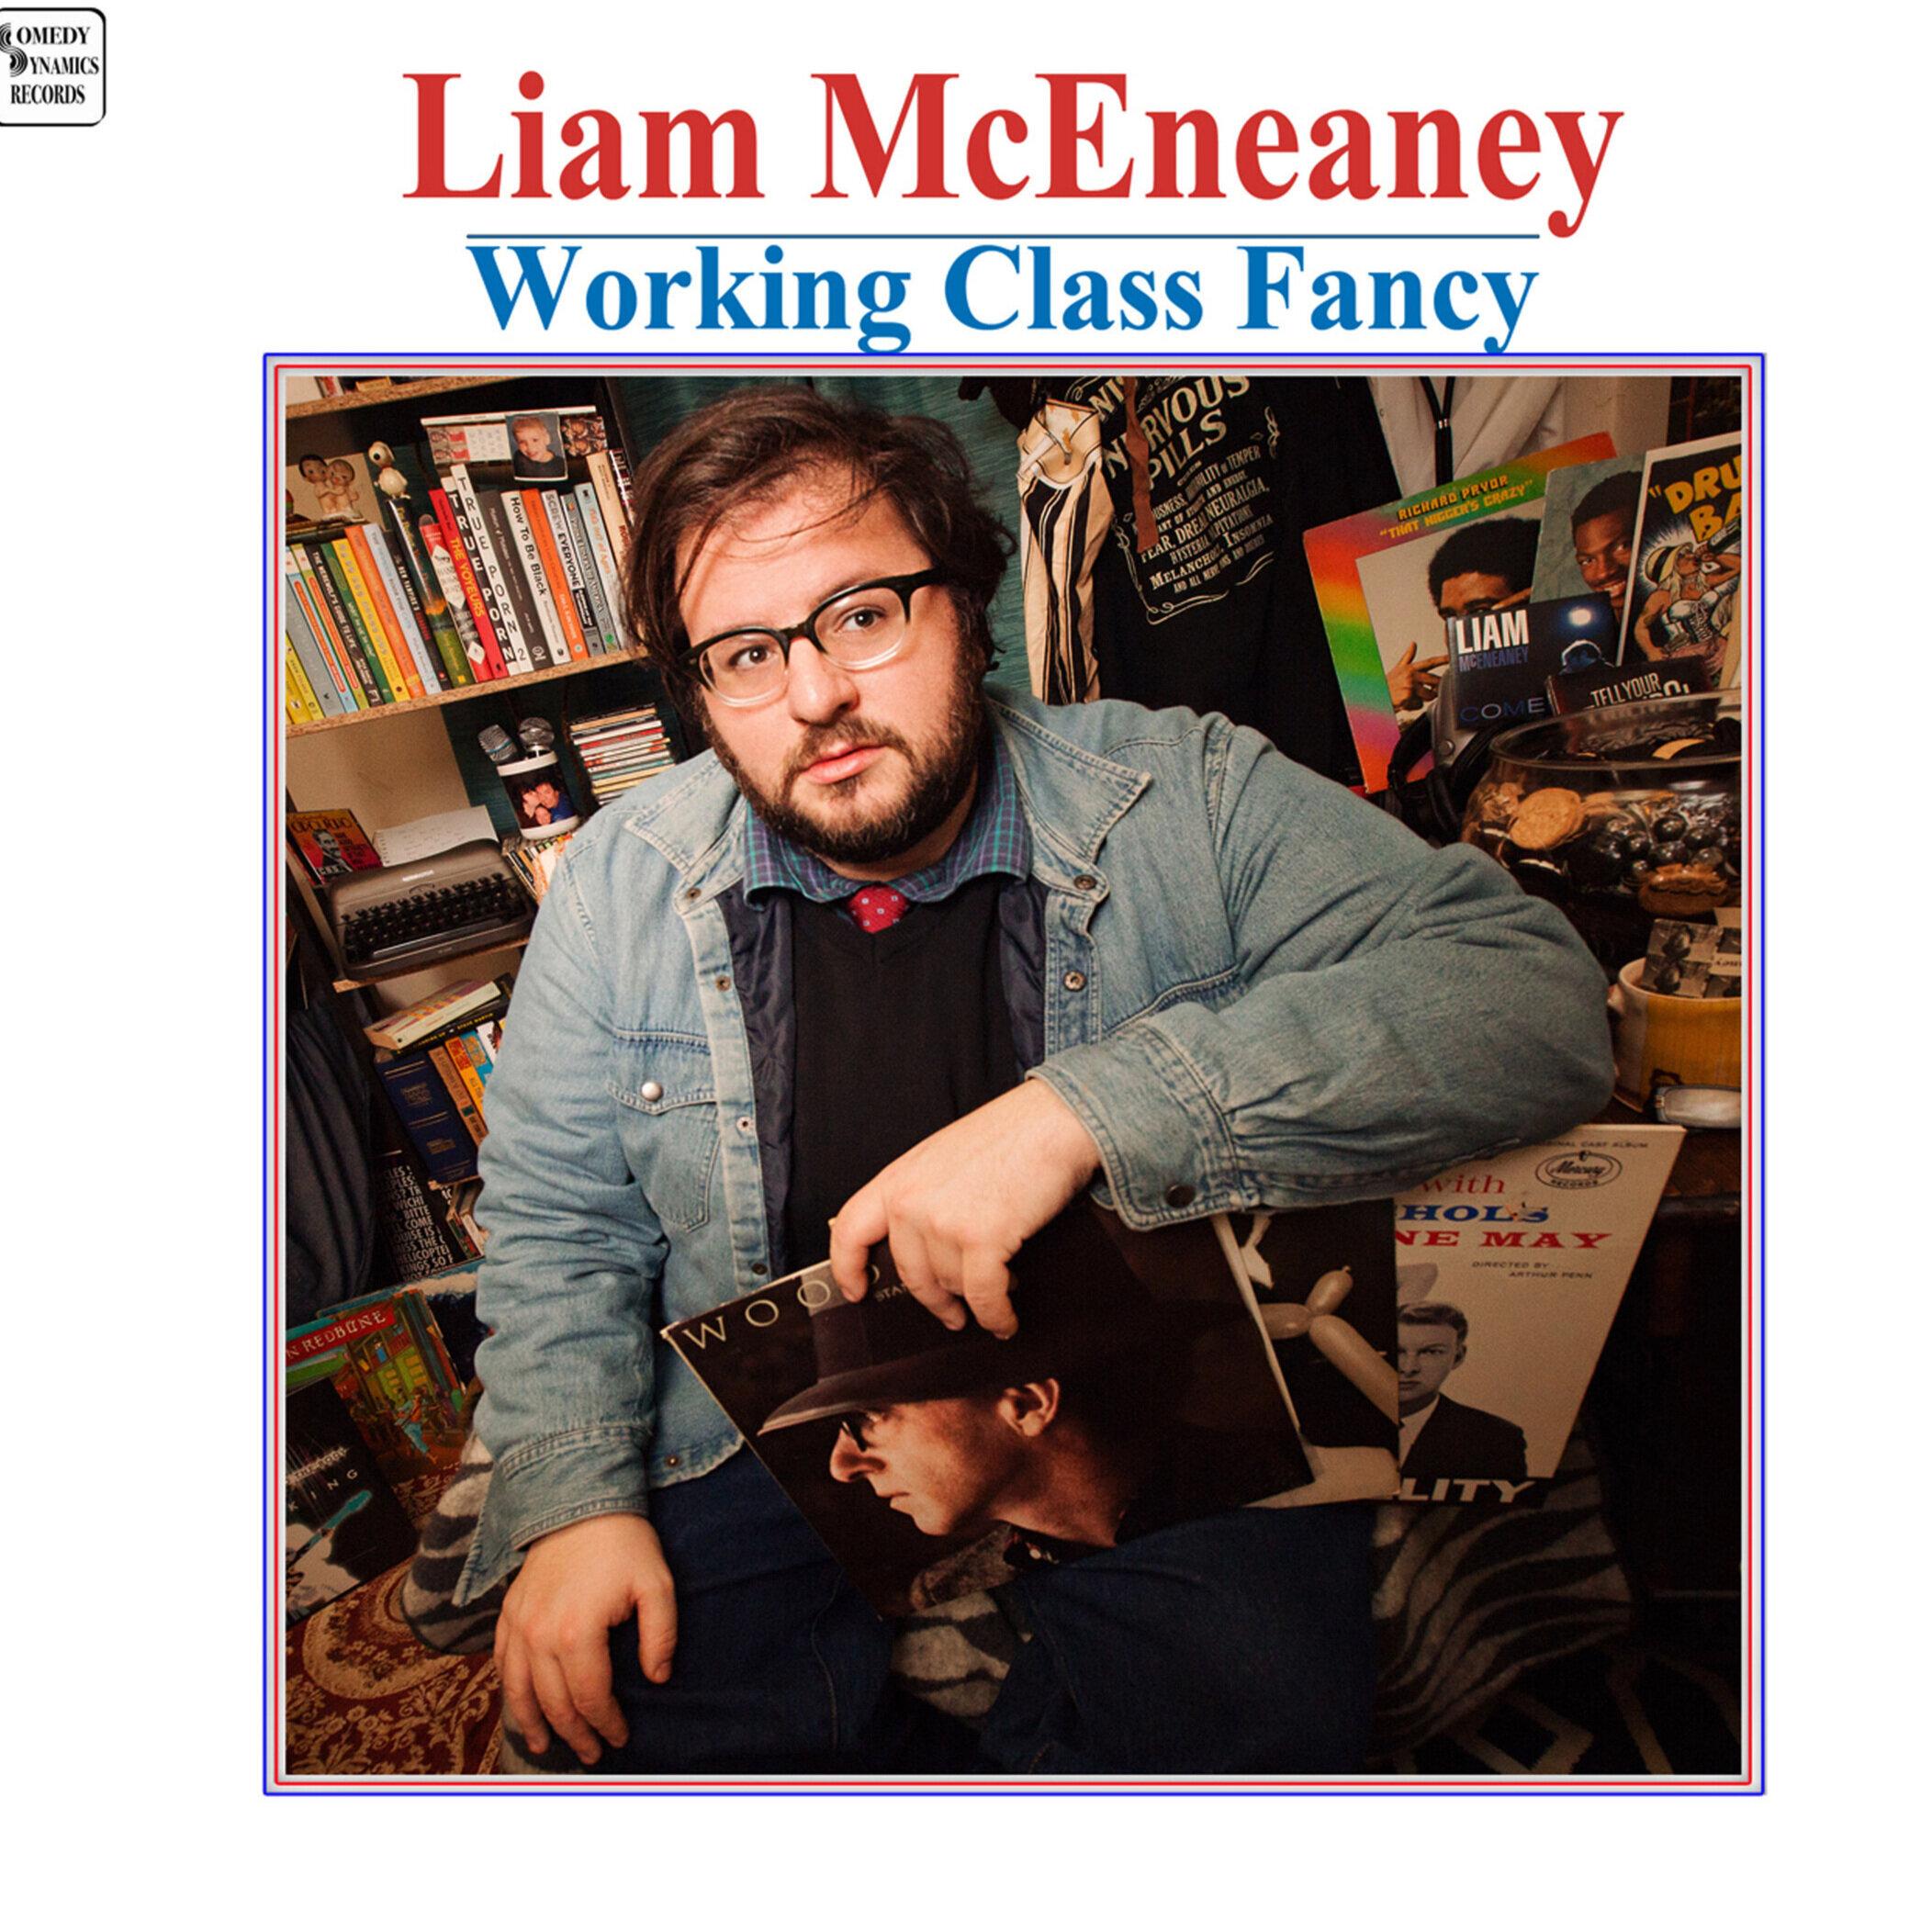 Liam McEneaney Working Class Fancy.jpg